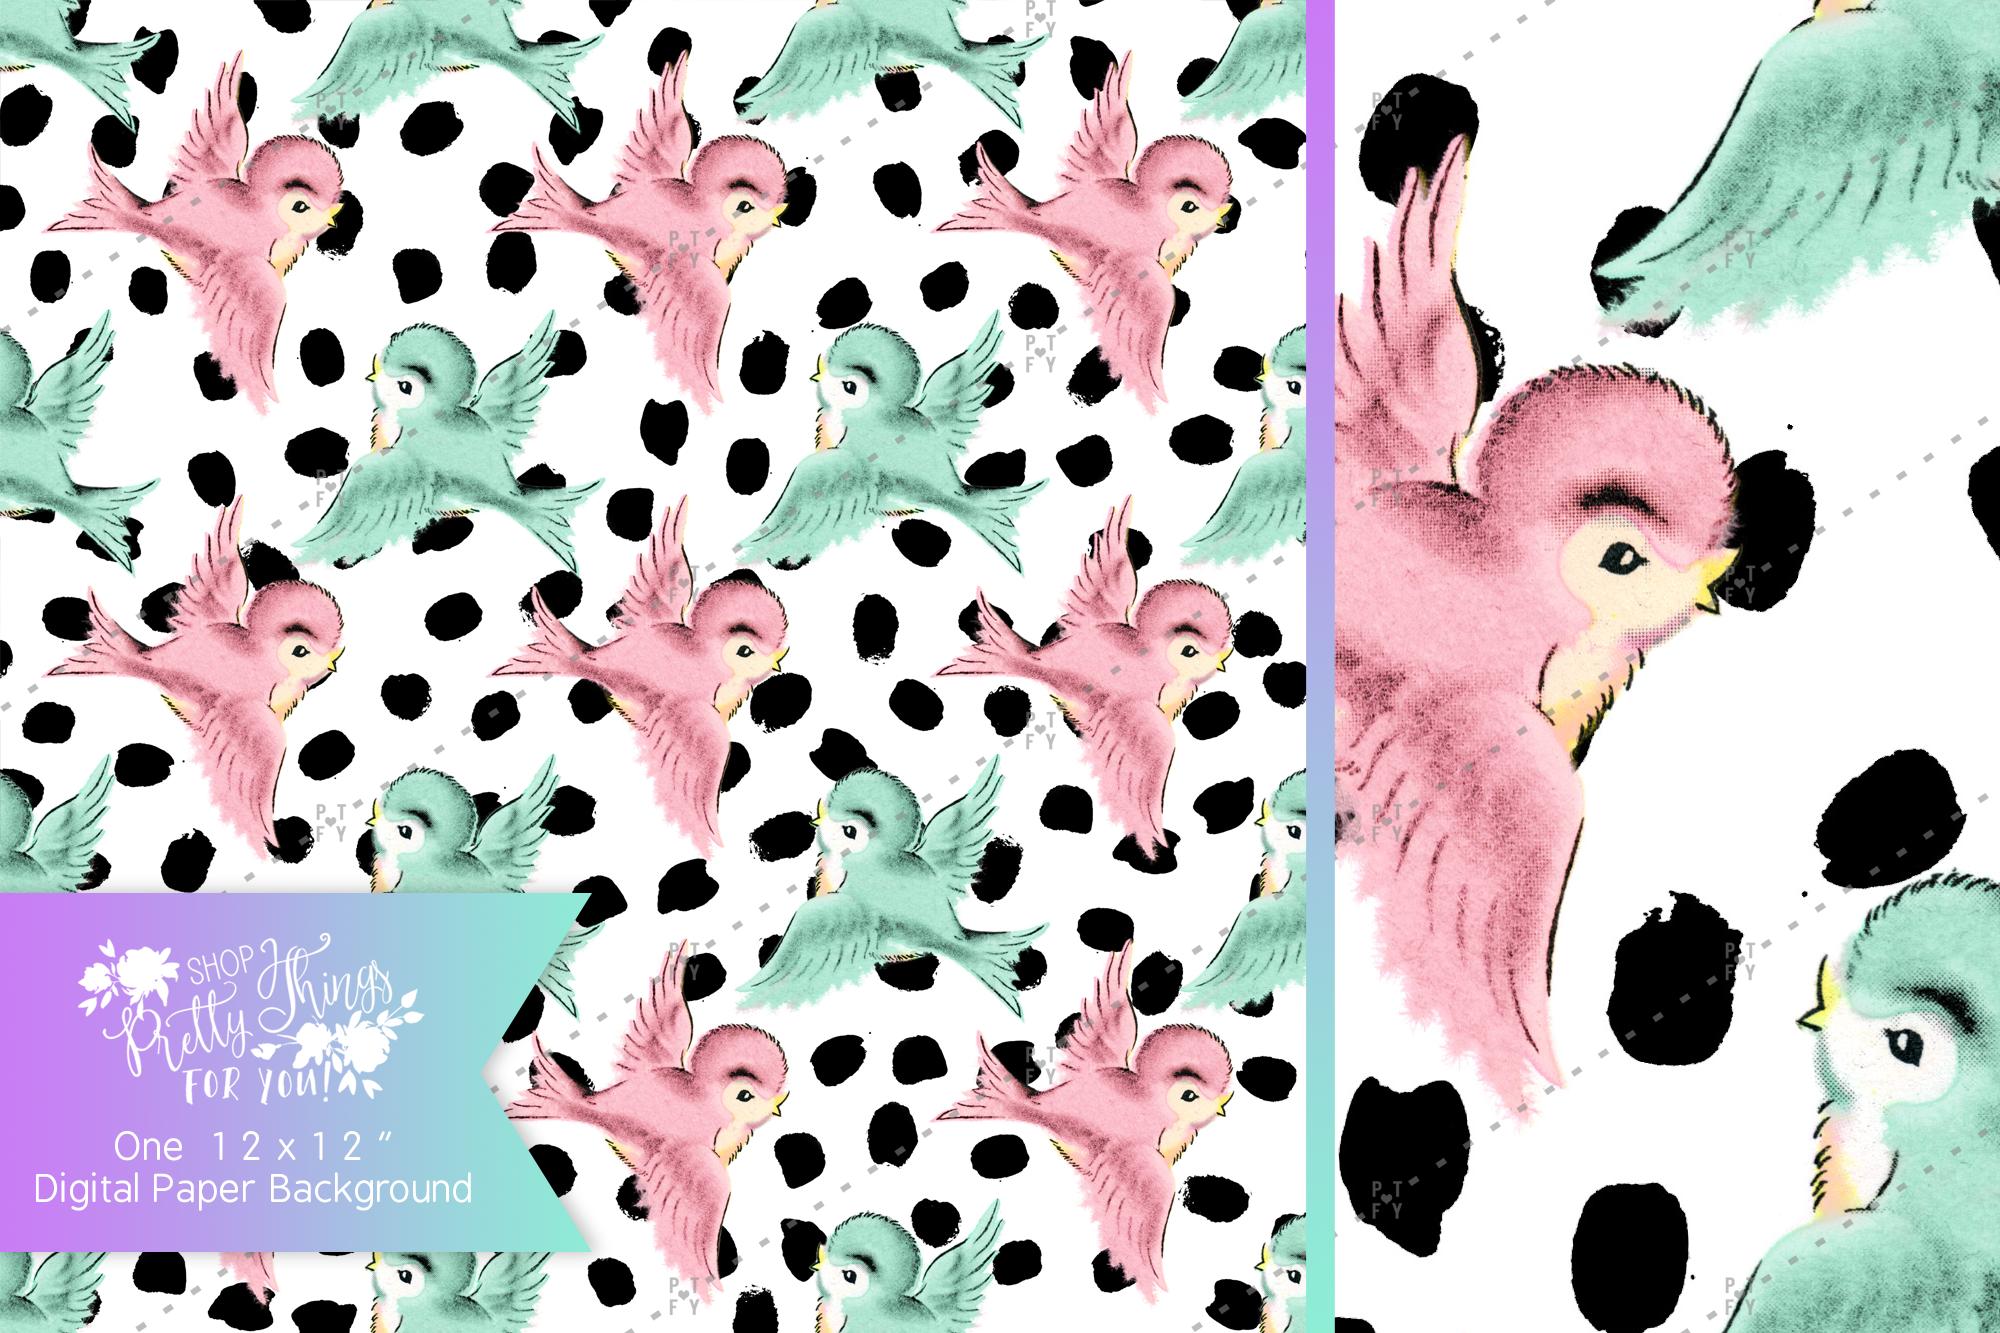 Sweet Vintage Birdies Digital Paper/Background example image 1